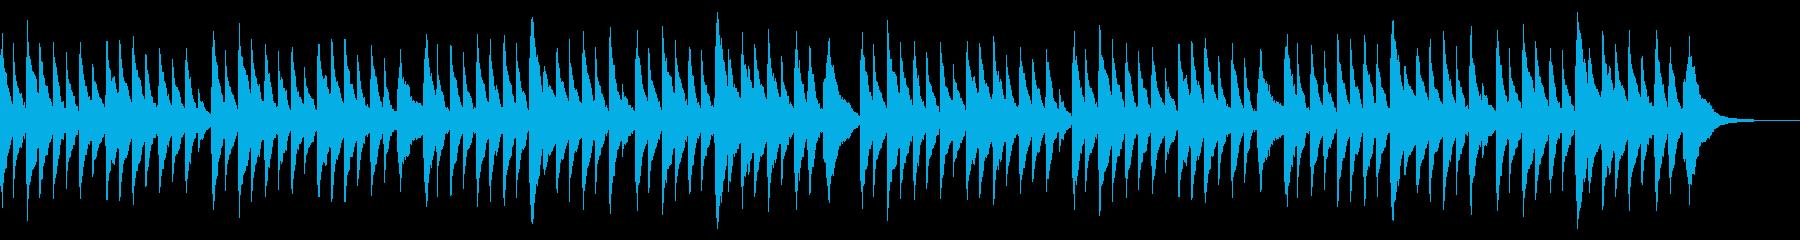 童謡オルゴール 春の小川 ×2回の再生済みの波形